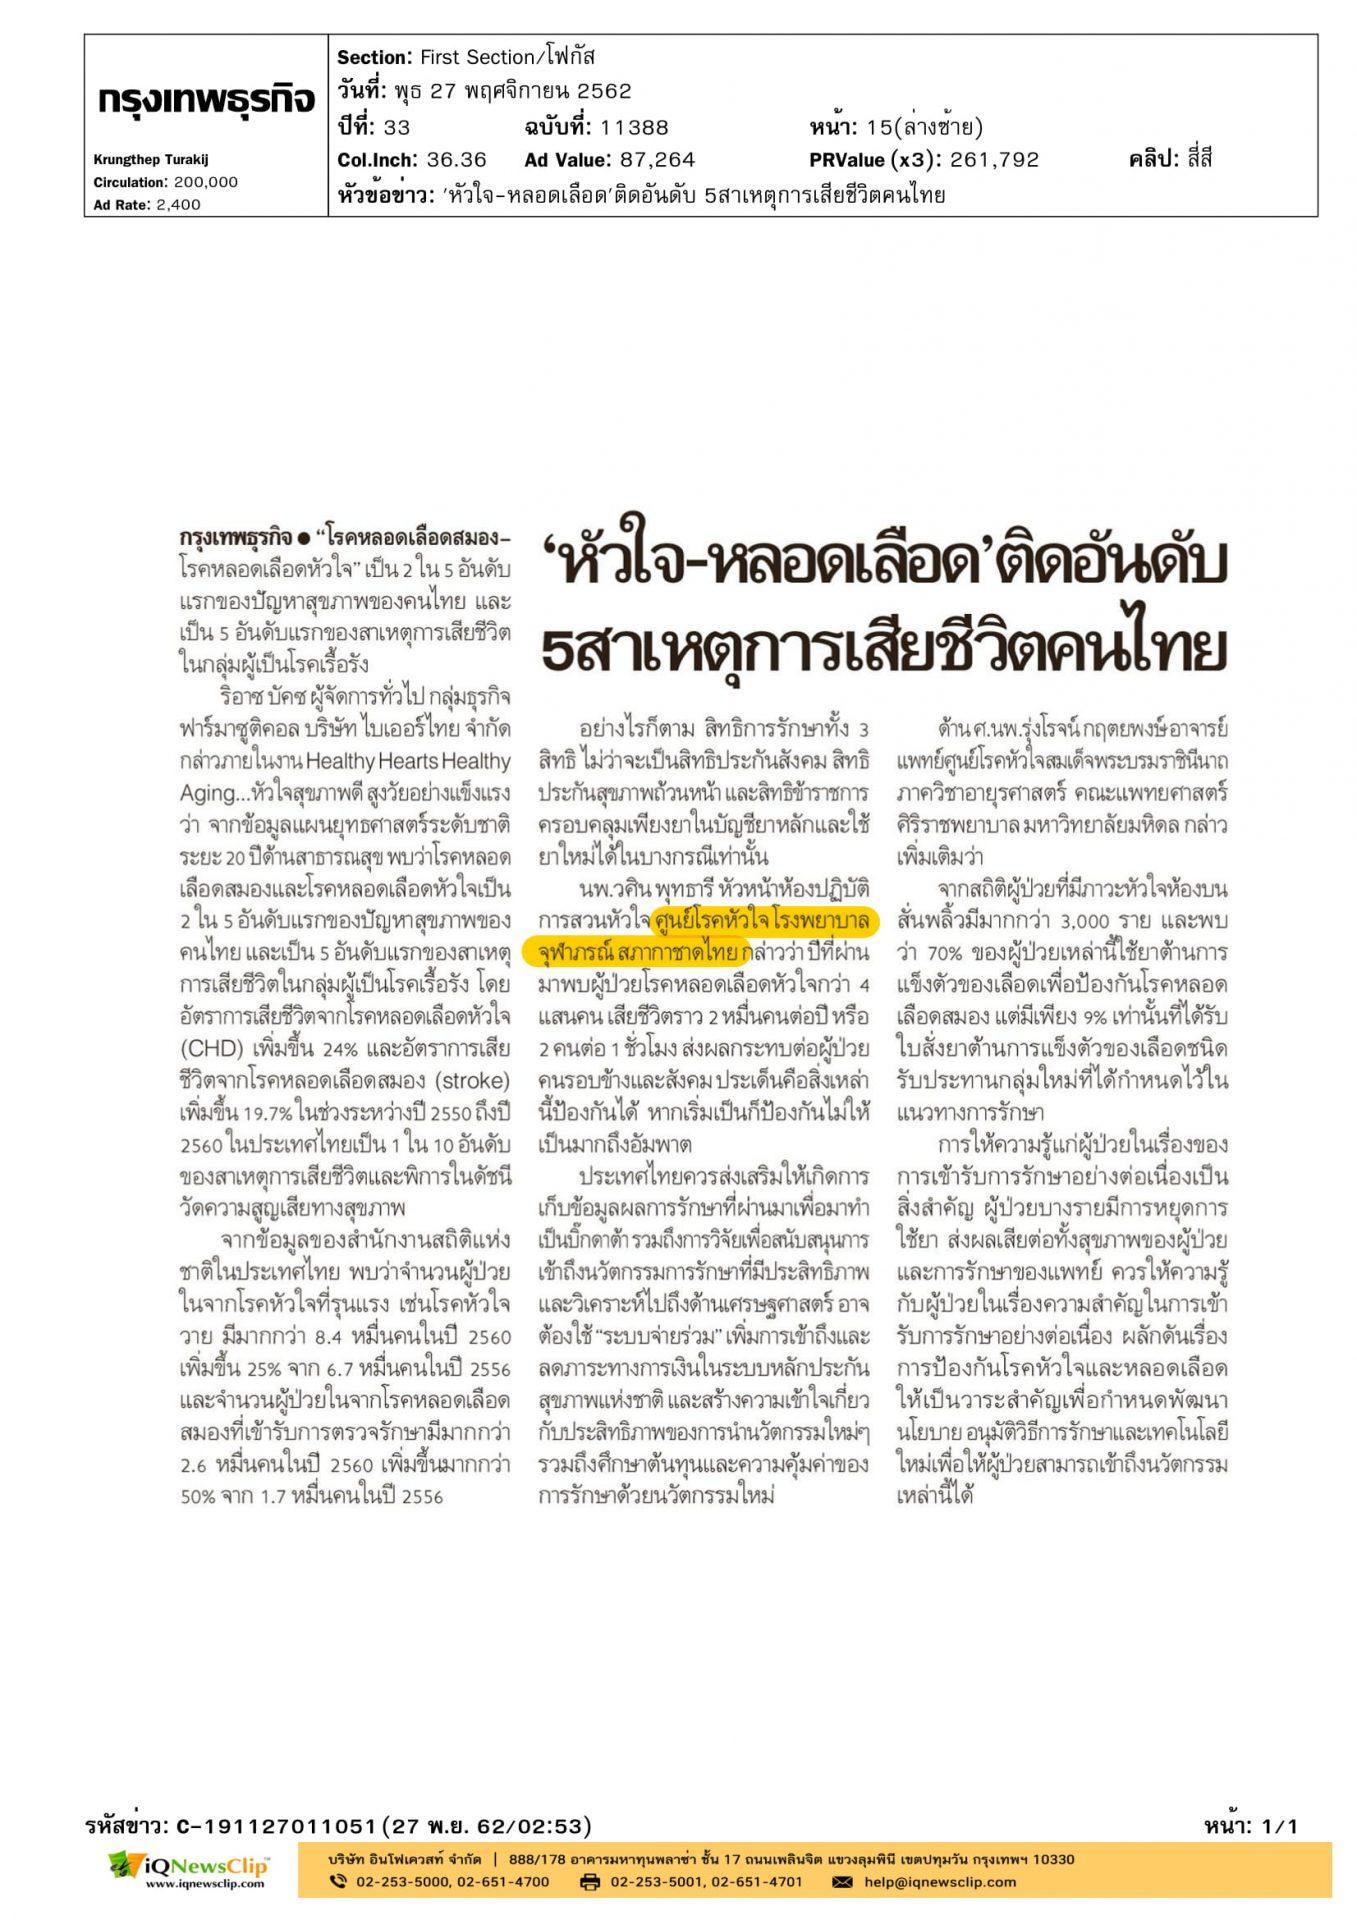 """บทความเรื่อง """"โรคหัวใจและหลอดเลือด ท็อป 5 ปัญหาสุขภาพคนไทย"""